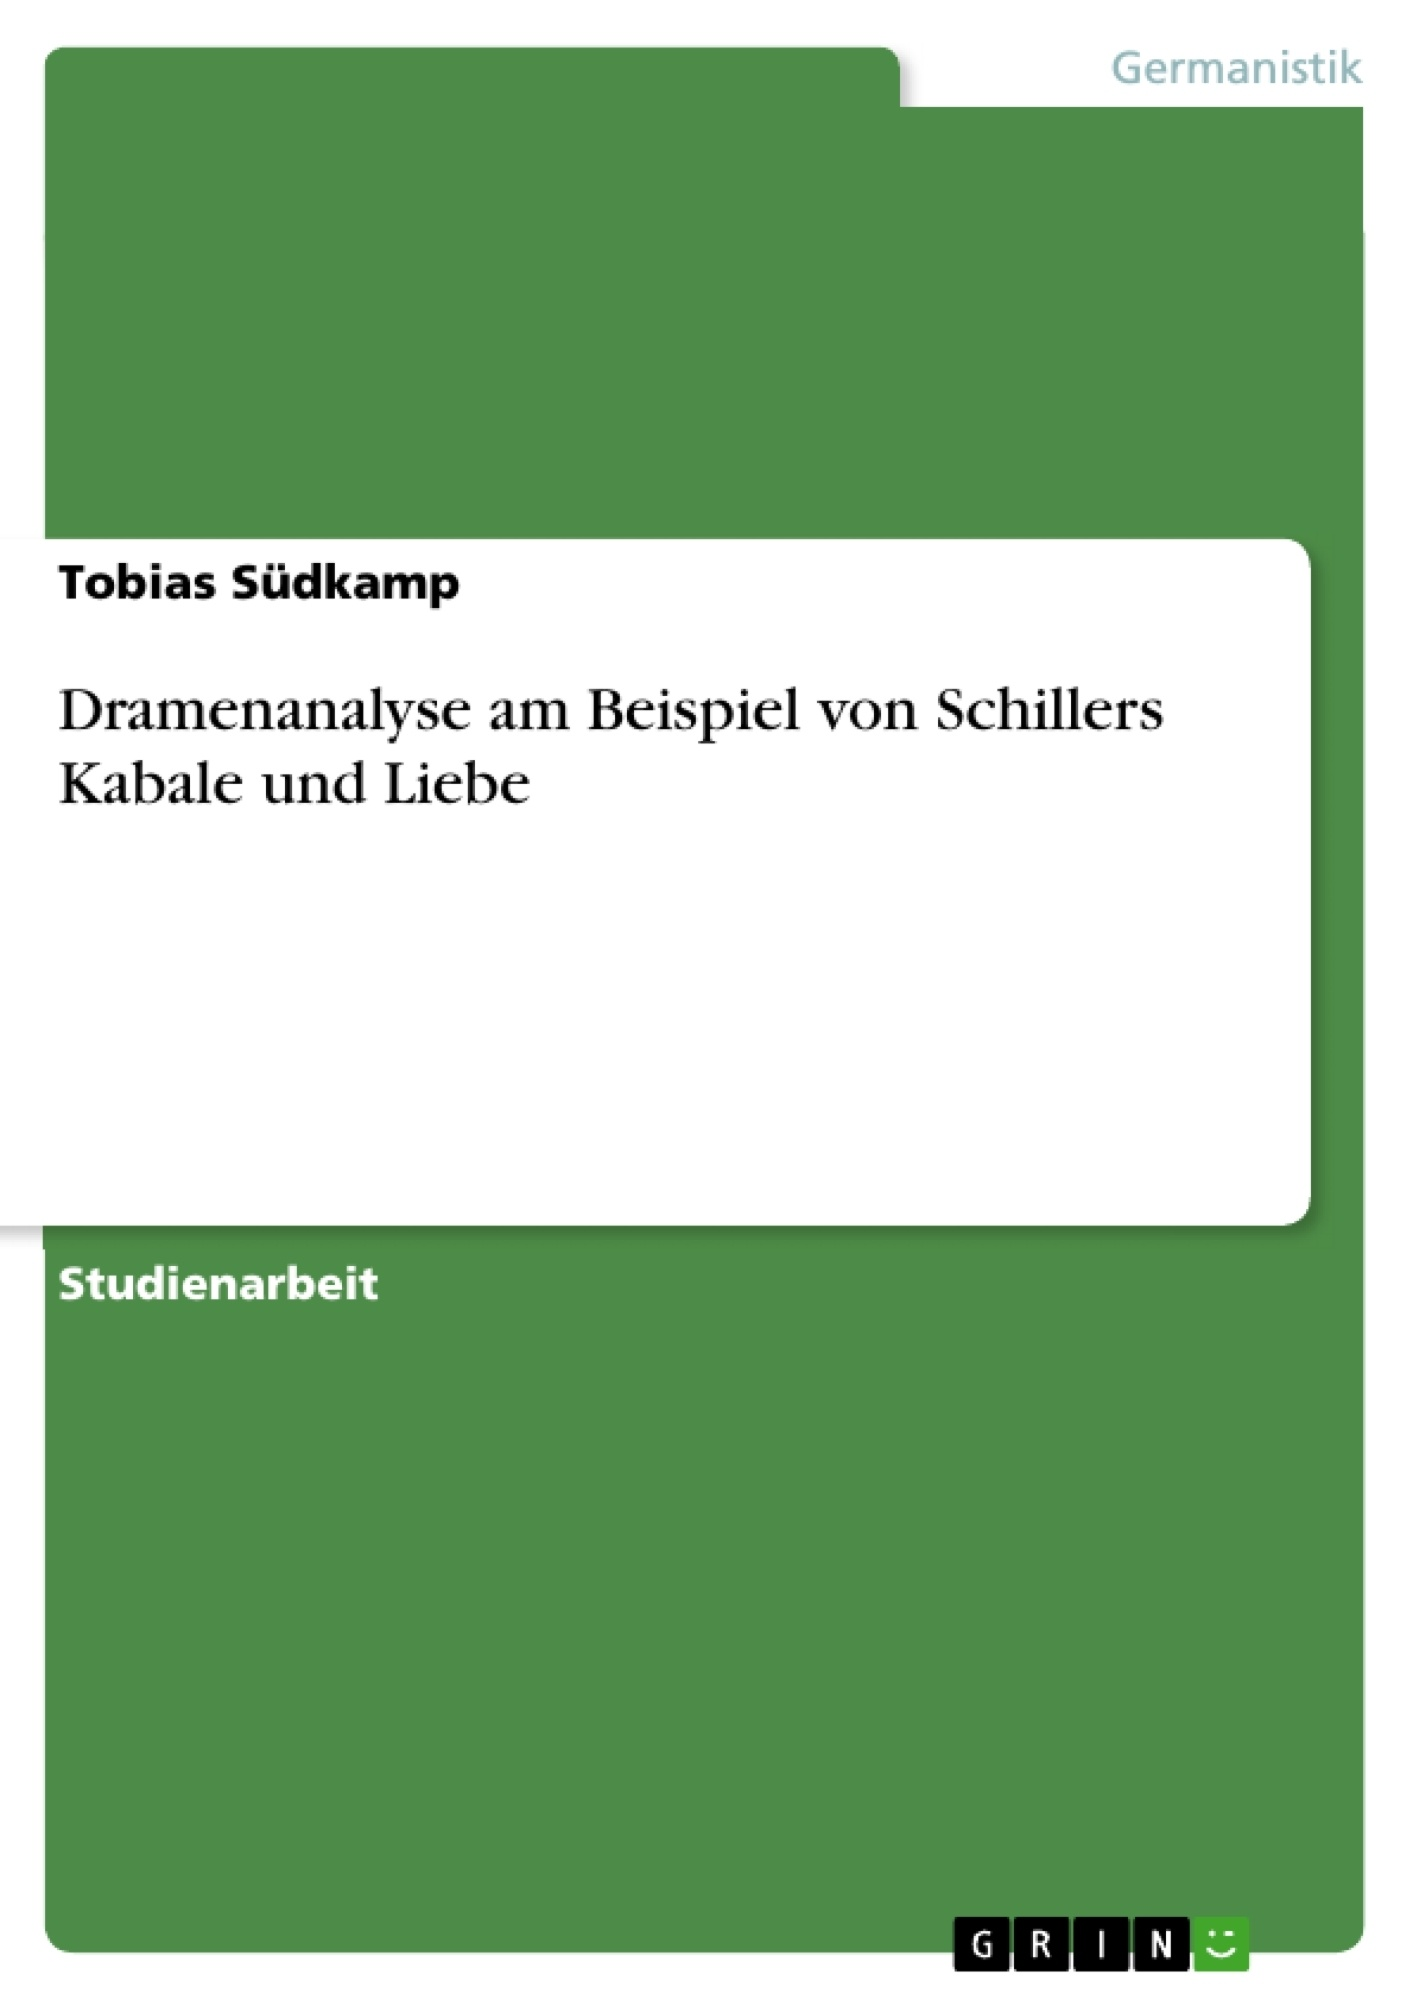 Titel: Dramenanalyse am Beispiel von Schillers Kabale und Liebe